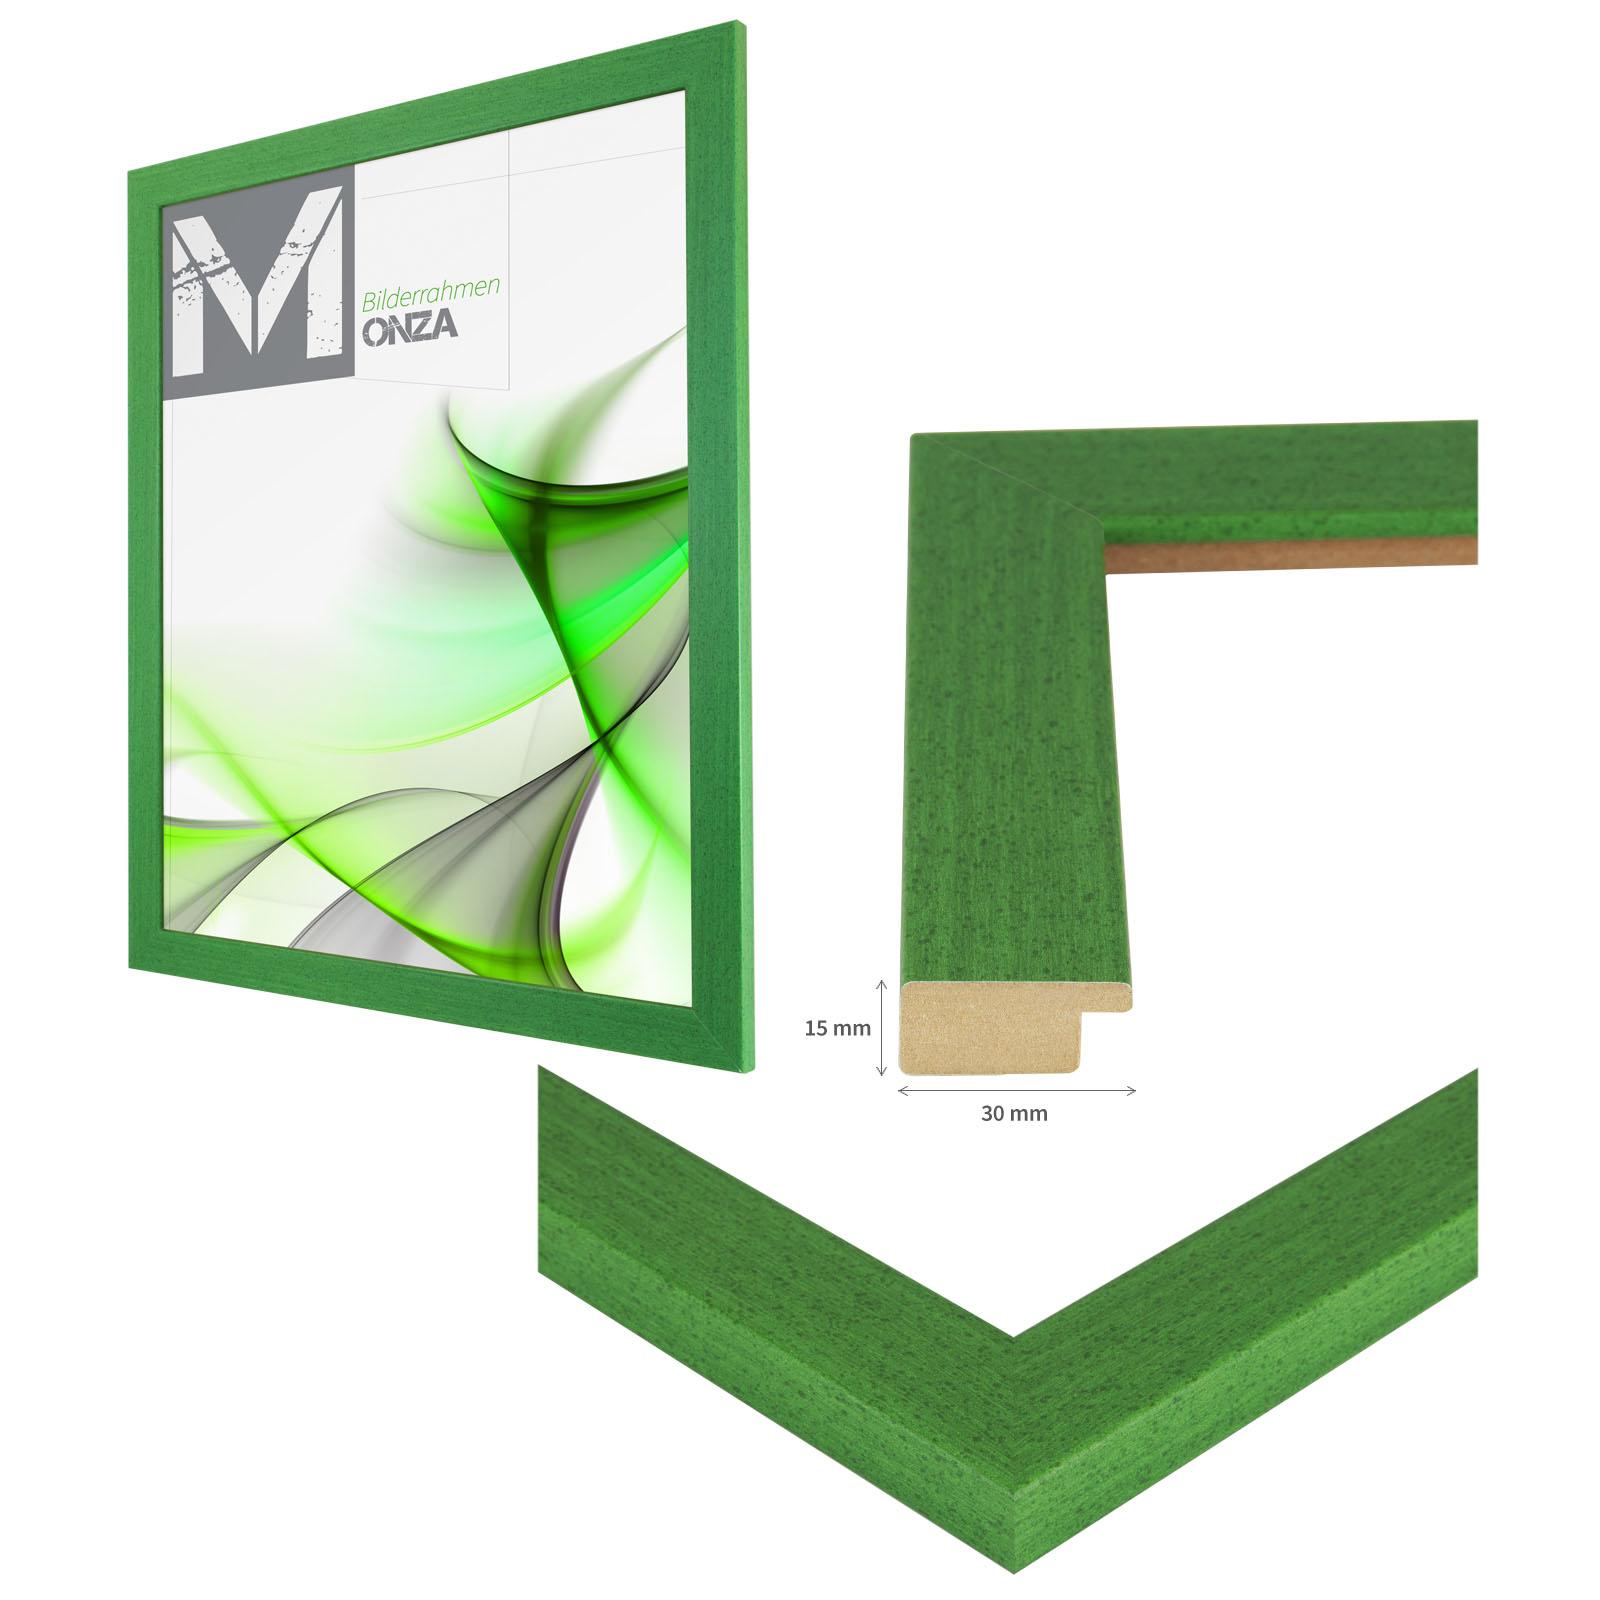 bilderrahmen monza gr n 54 gr en holz mdf profil foto poster rahmen ebay. Black Bedroom Furniture Sets. Home Design Ideas